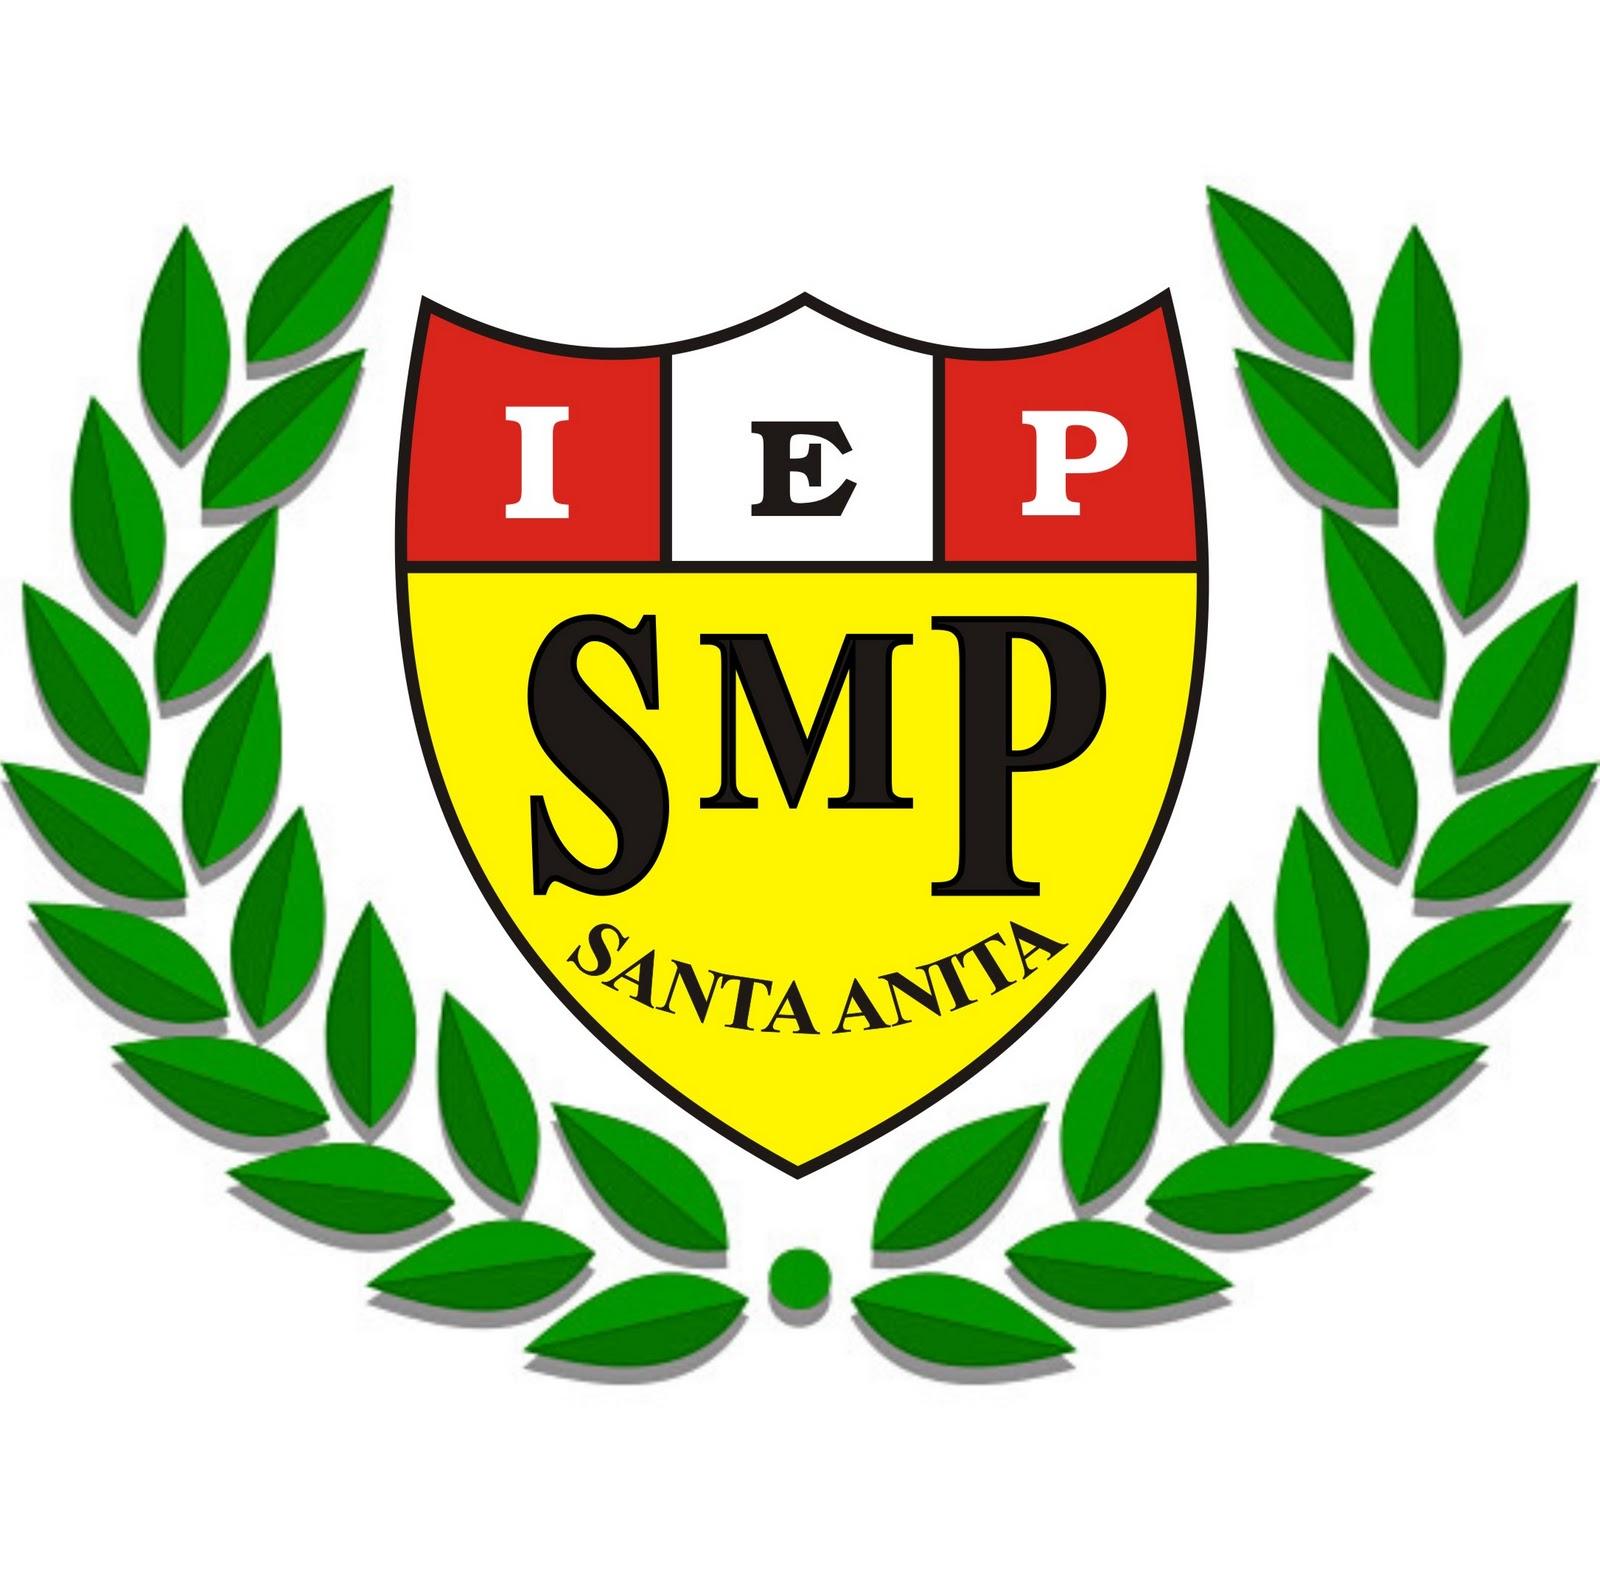 Mis Proyectos Escolares La Insignia Del Colegio San